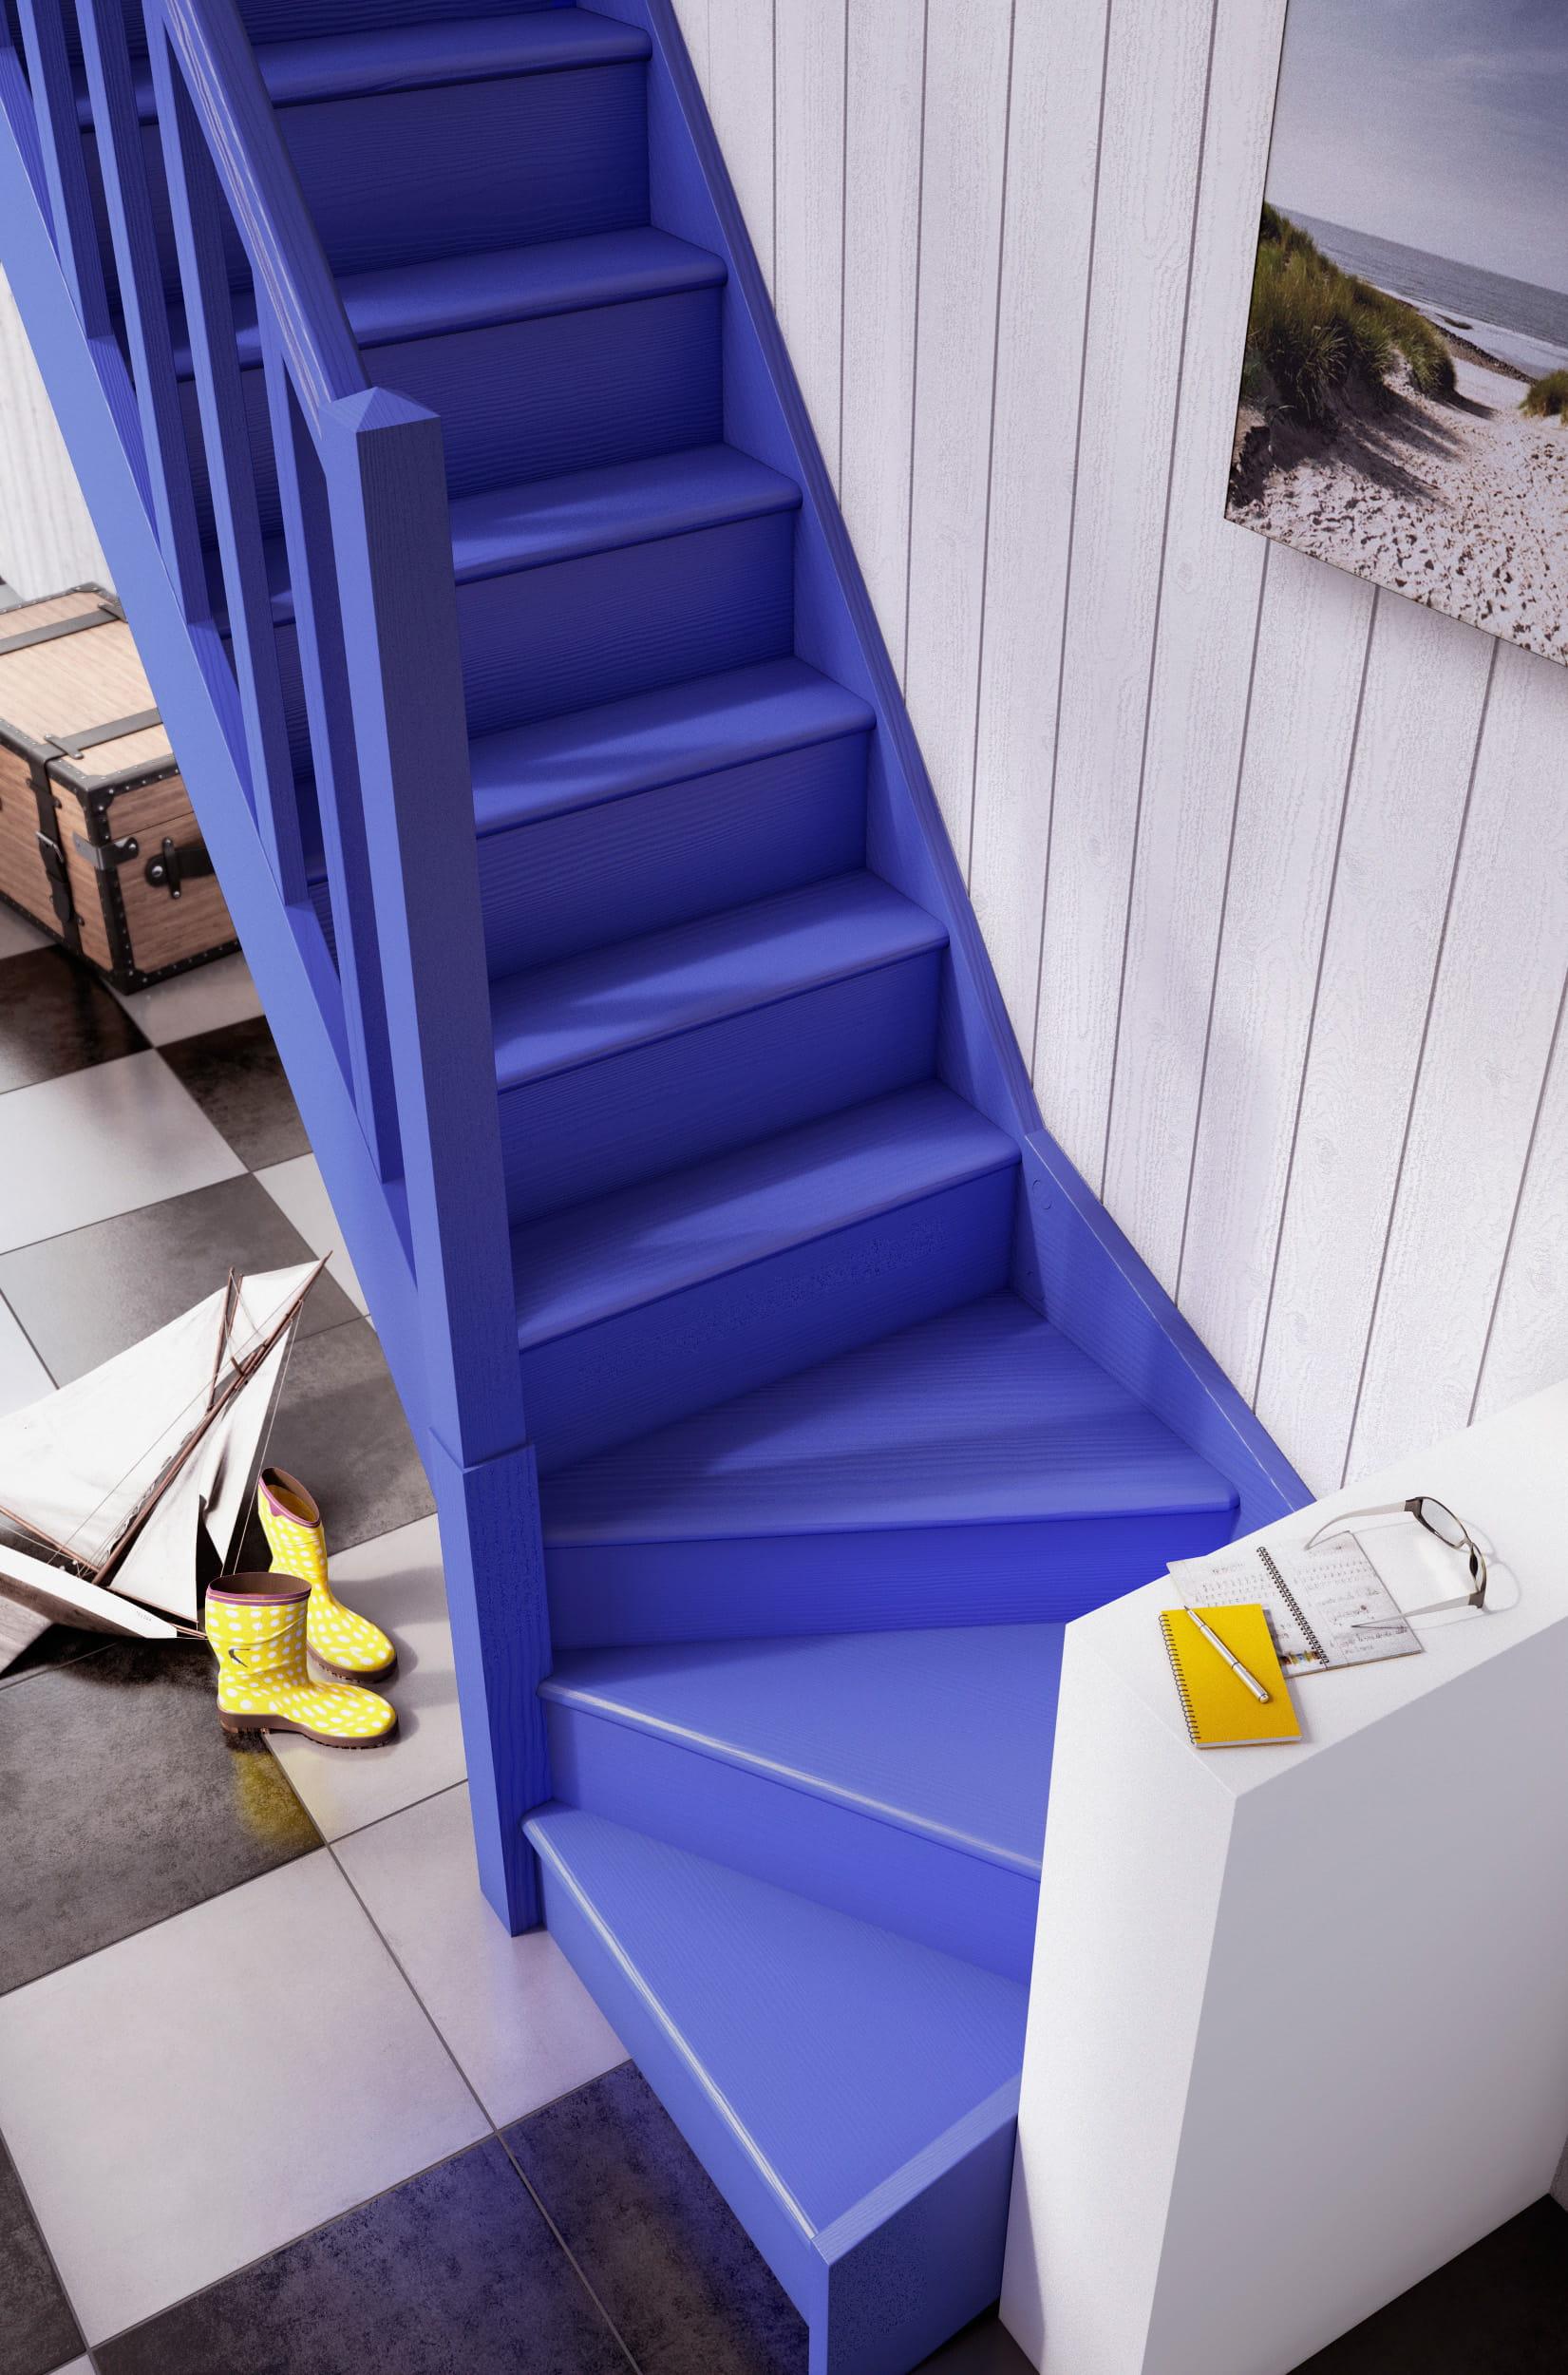 un escalier de couleur vive 10 id es pour peindre ses escaliers journal des femmes. Black Bedroom Furniture Sets. Home Design Ideas